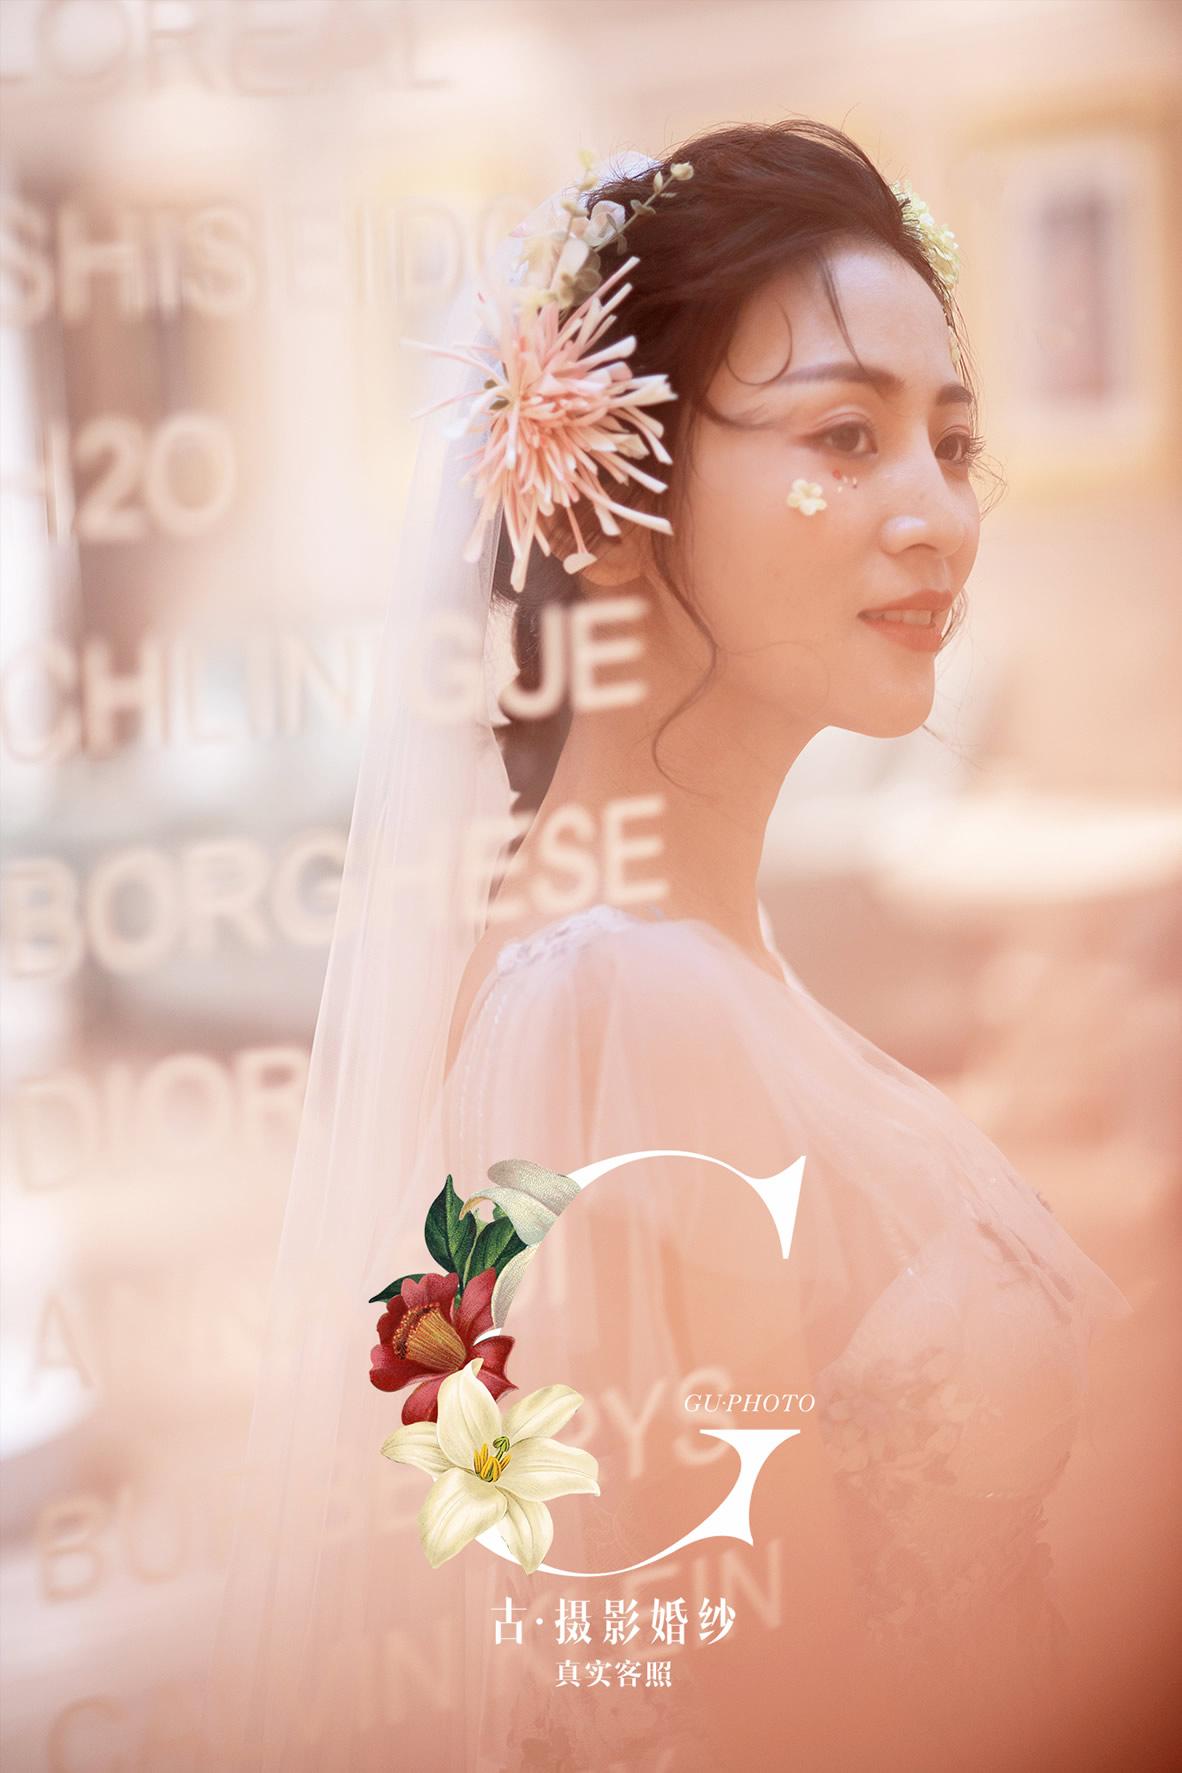 邓先生 李小姐 - 每日客照 - 古摄影婚纱艺术-古摄影成都婚纱摄影艺术摄影网